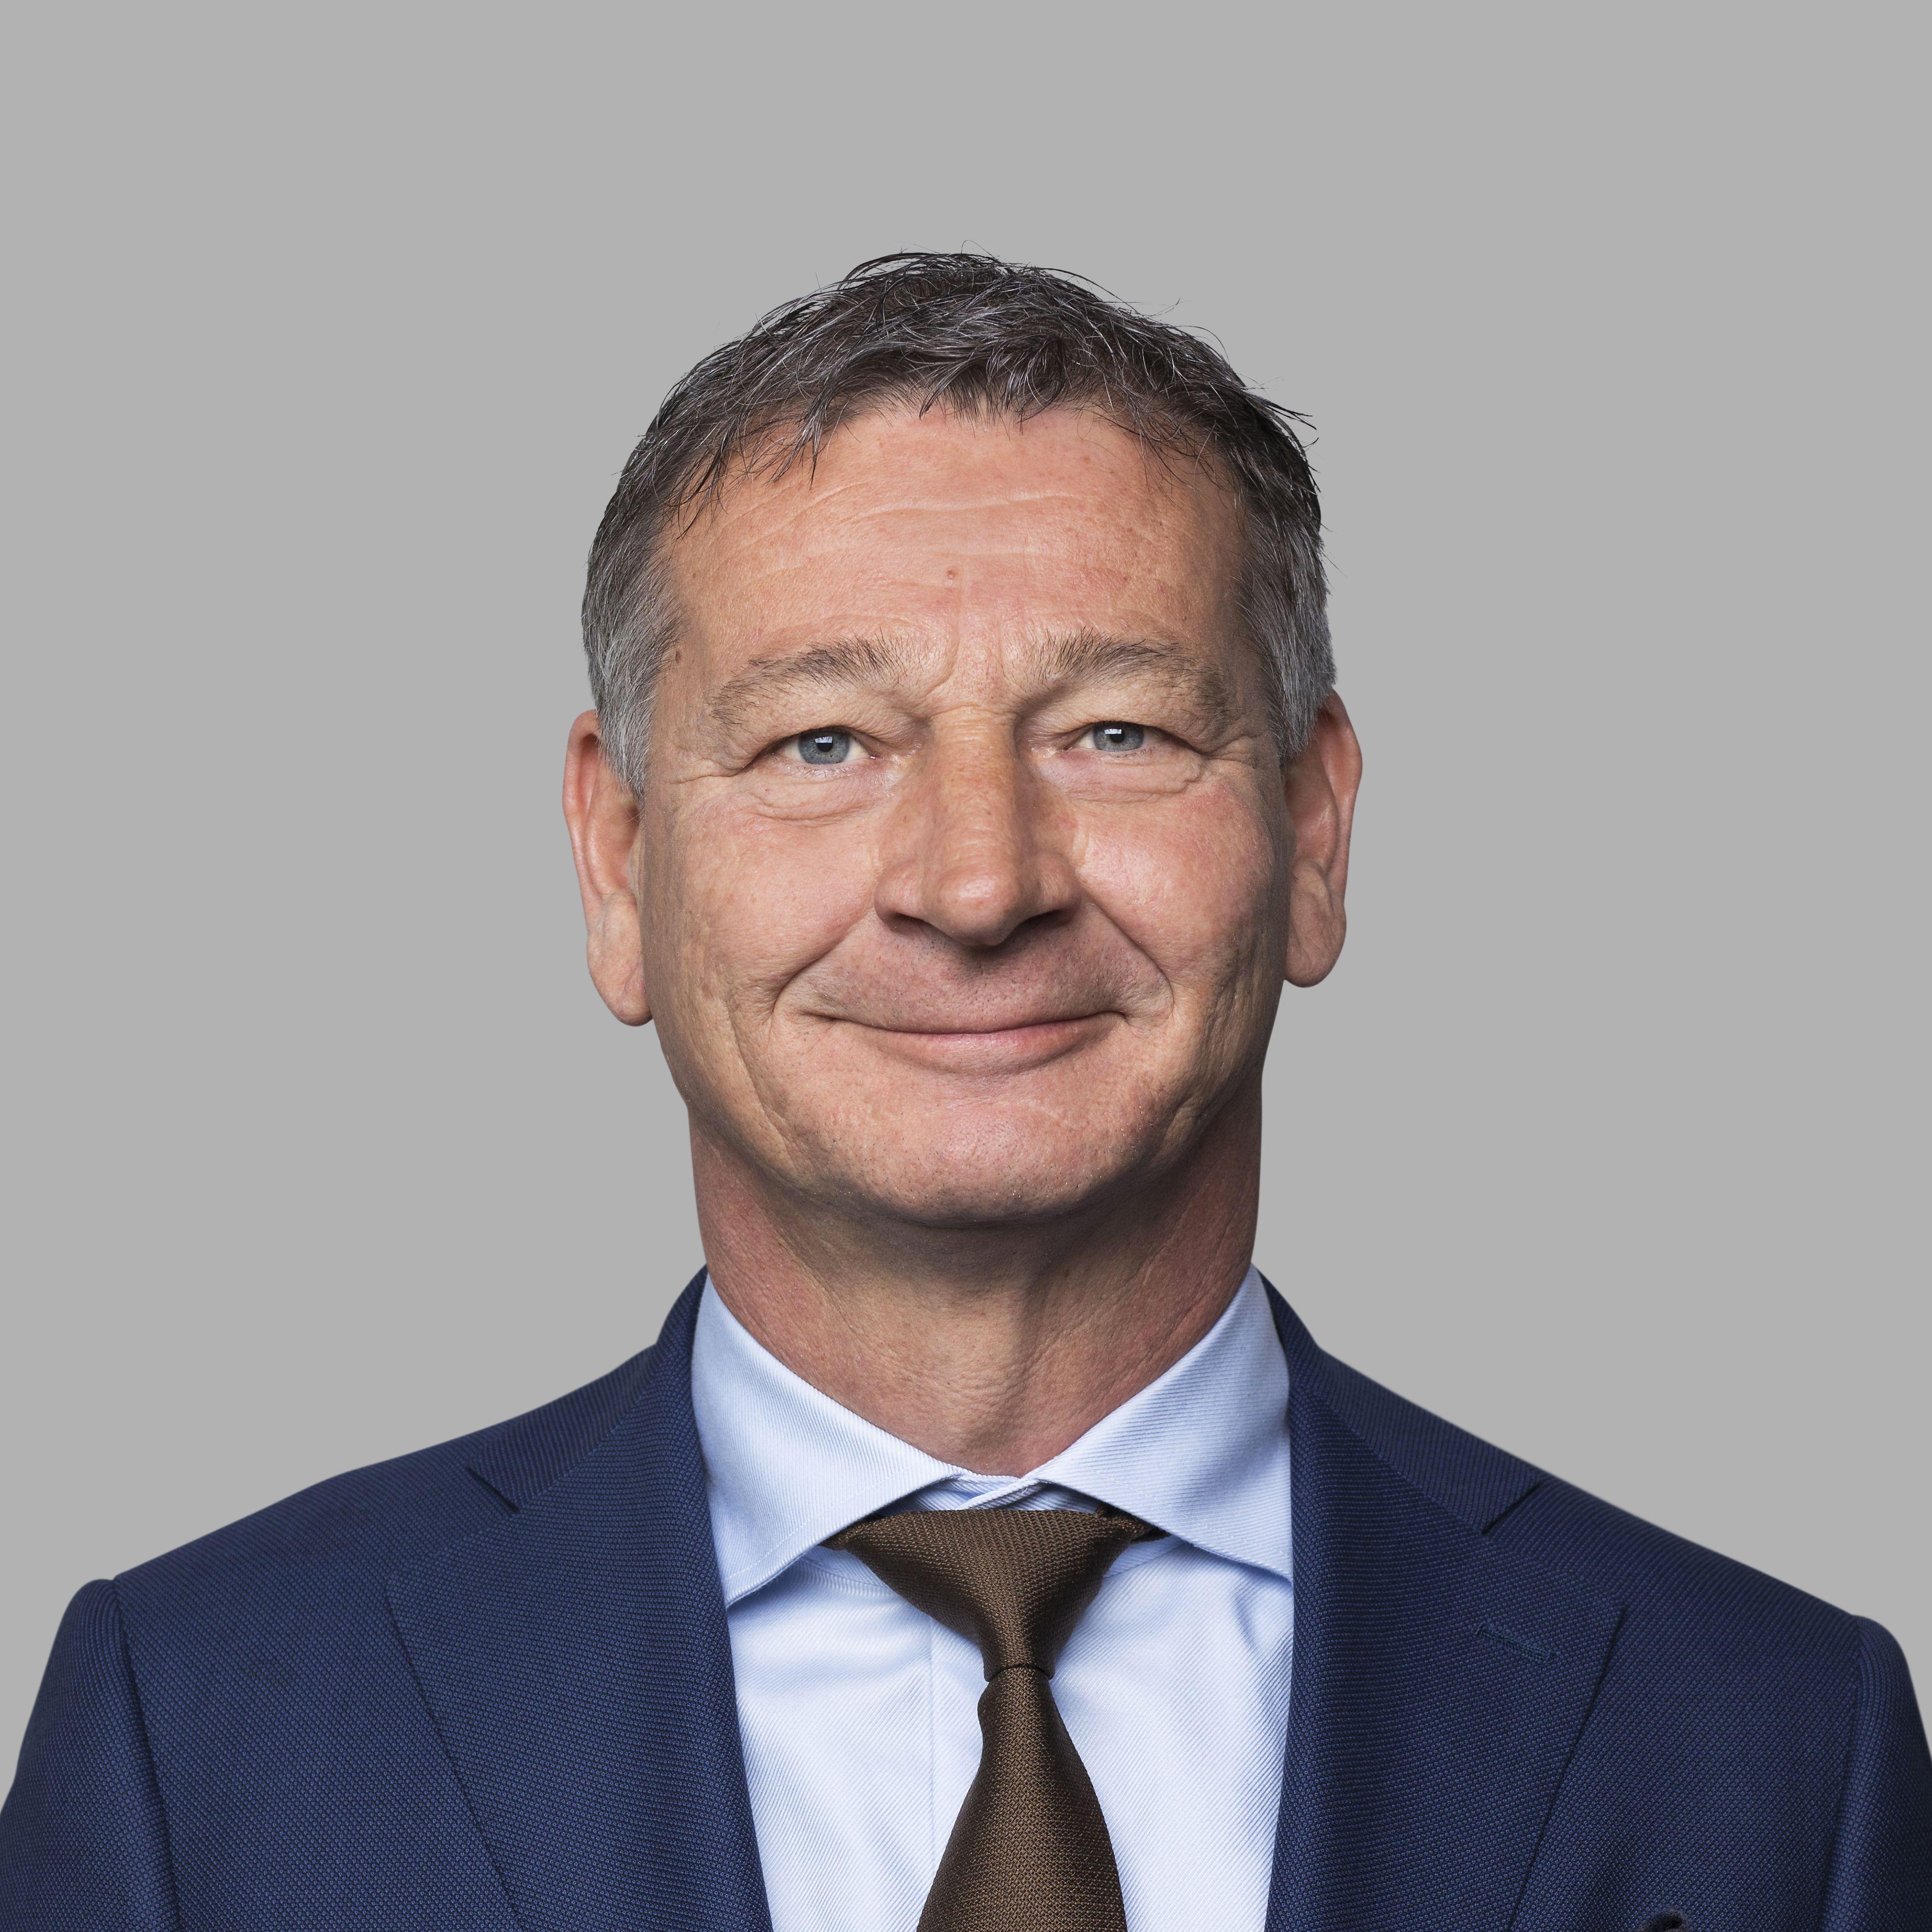 René van Velsen